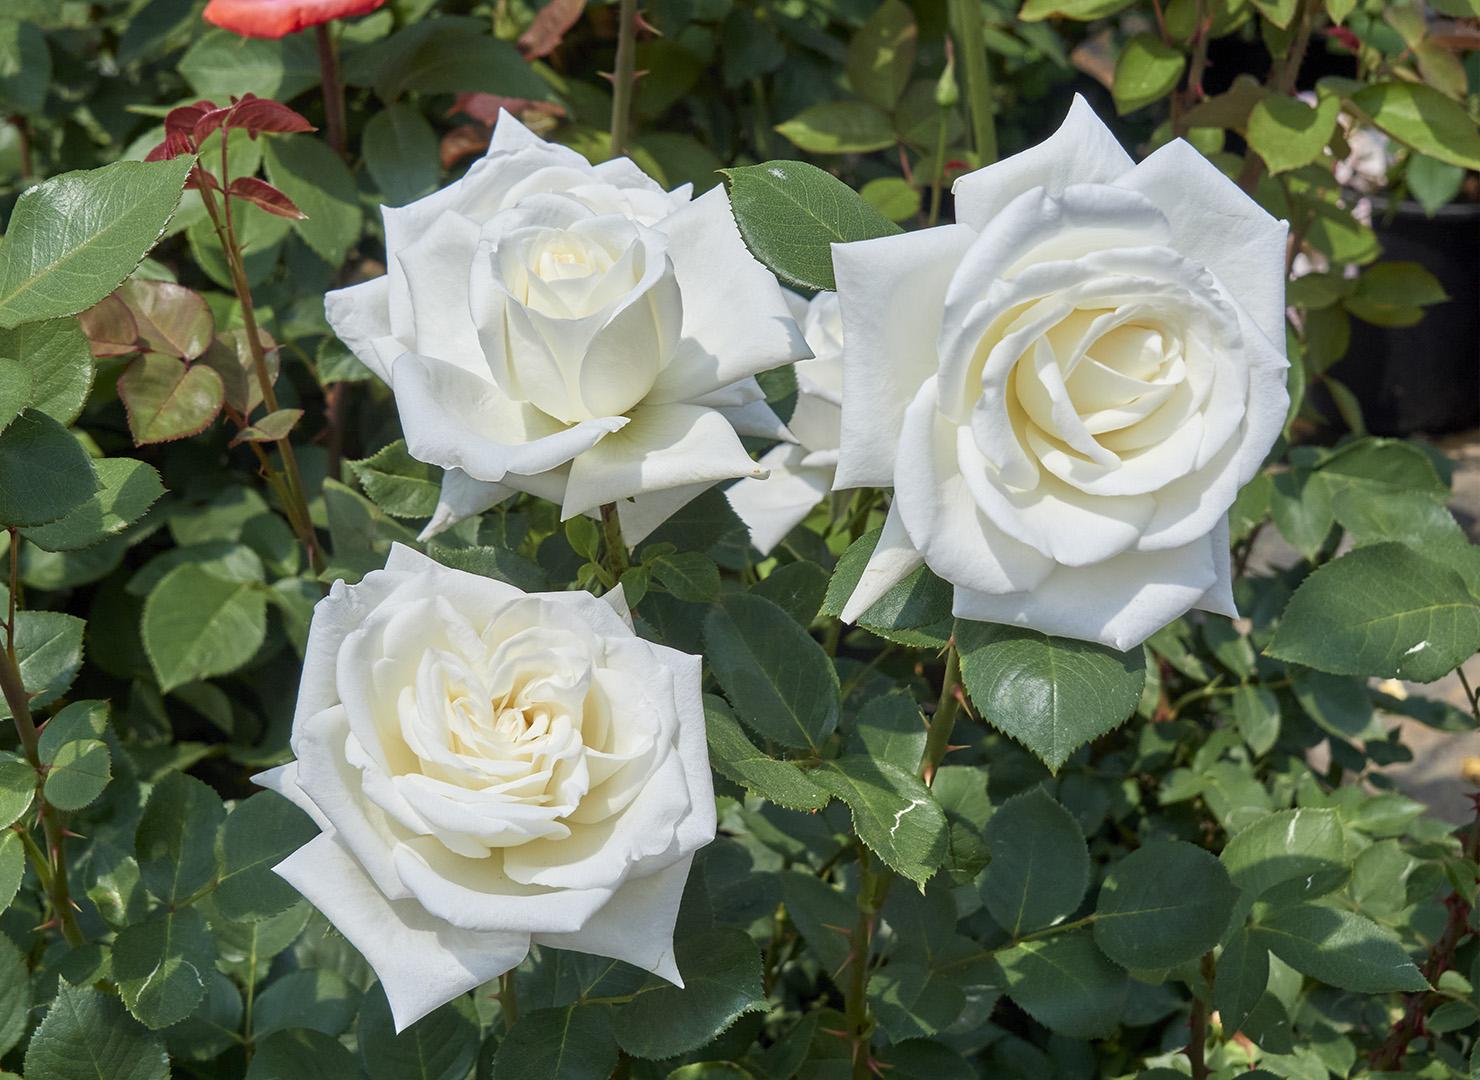 ホワイト クイーン エリザベス - White Queen Elizabeth